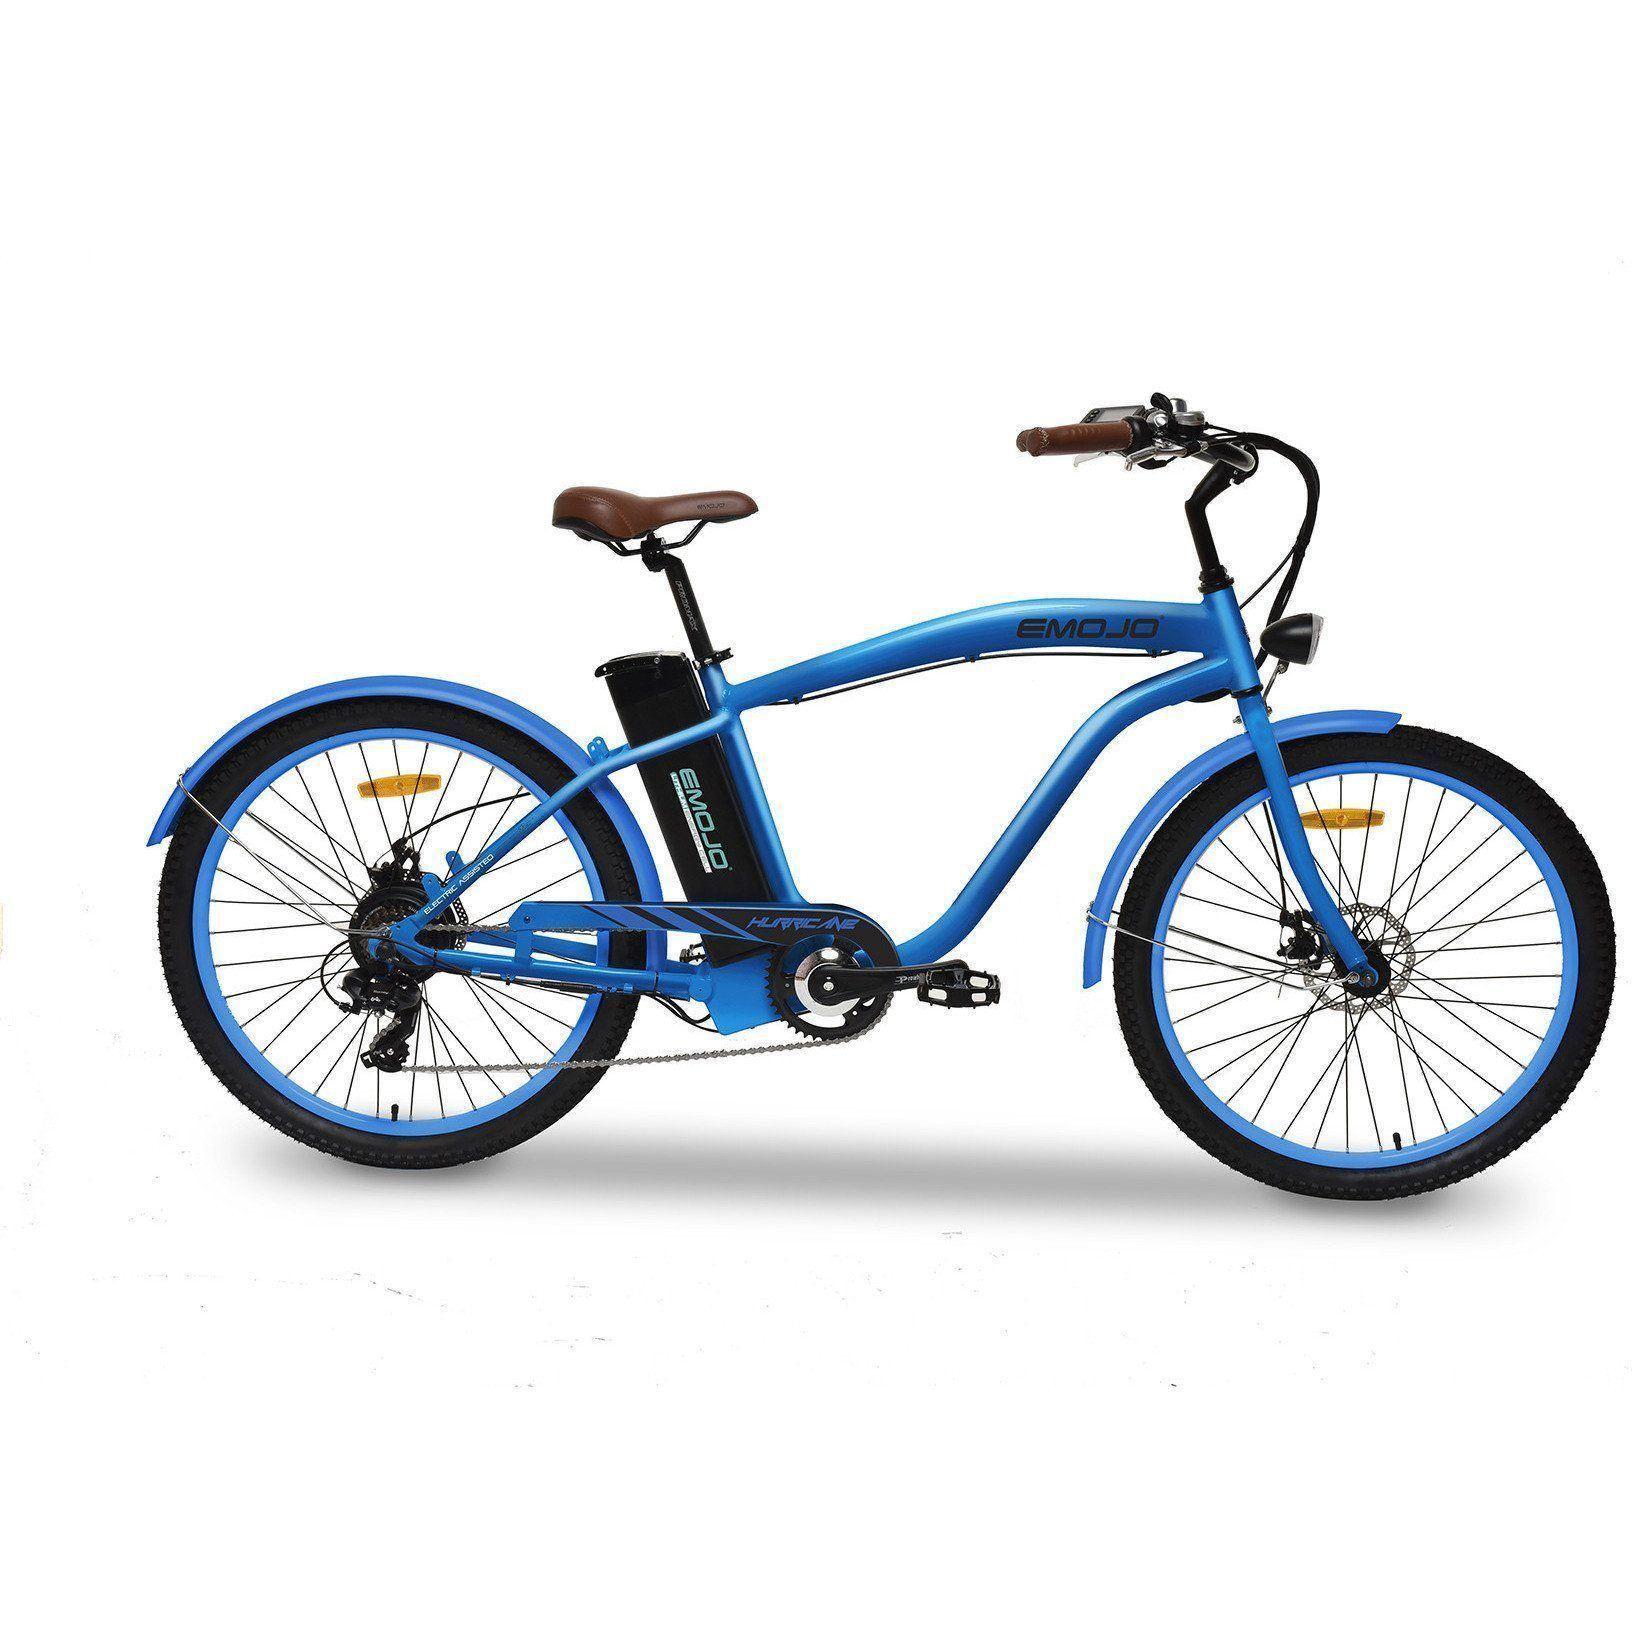 Emojo Hurricane Cruiser Electric Bike Electric Bike Beach Cruiser Electric Bike Cruiser Bike